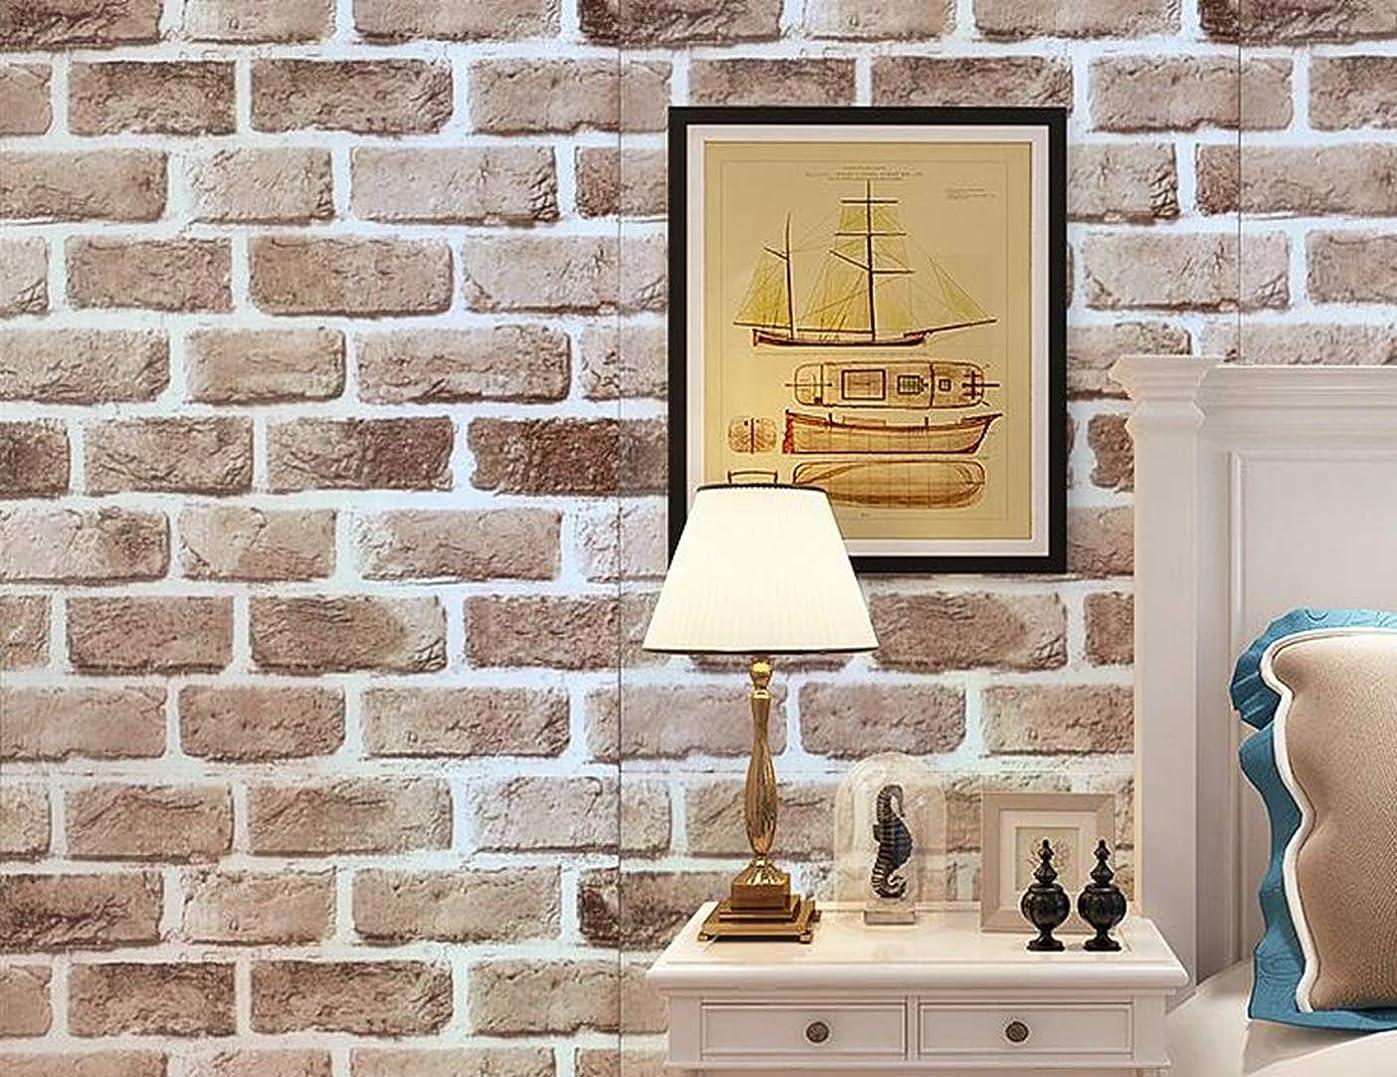 ふつう同一性歌Lena(レナ) 壁紙 はがせる レンガ 壁紙シール ウォールステッカー 防水 簡単 貼り付け 選べるデザイン 45cmX10m (ノスタルジックブラウンレンガ)